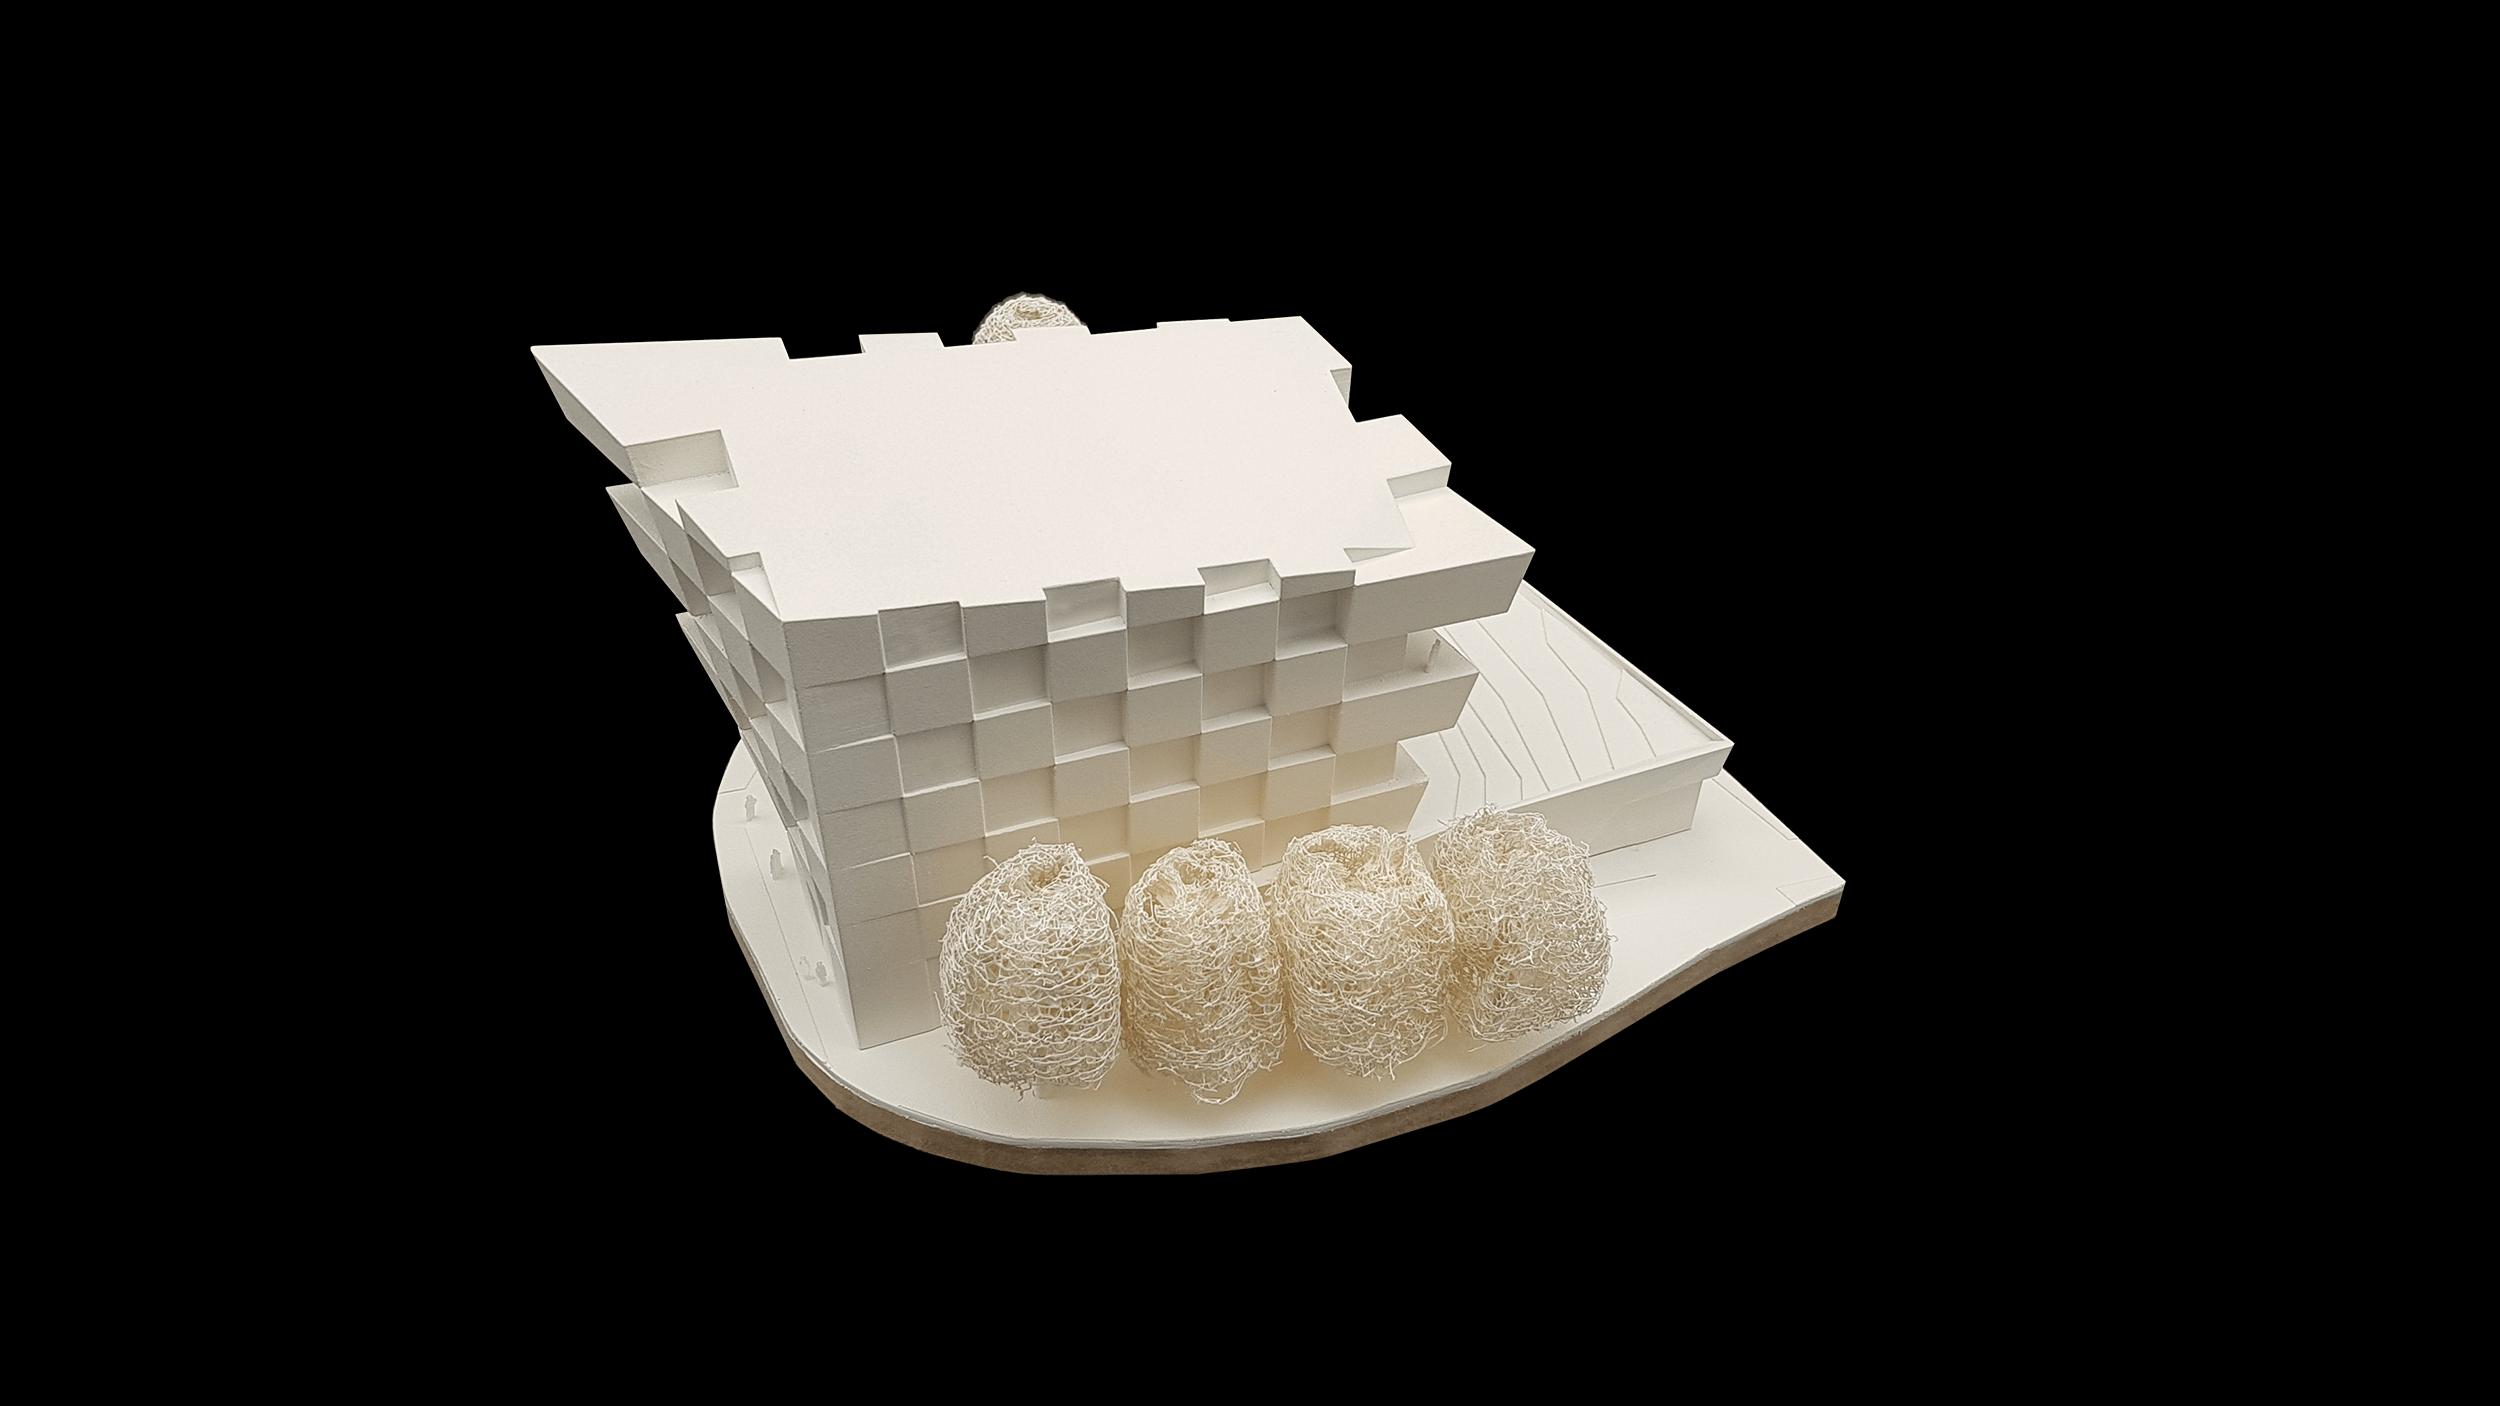 Wettbewerbsmodell für Architekten additiv hergestellt